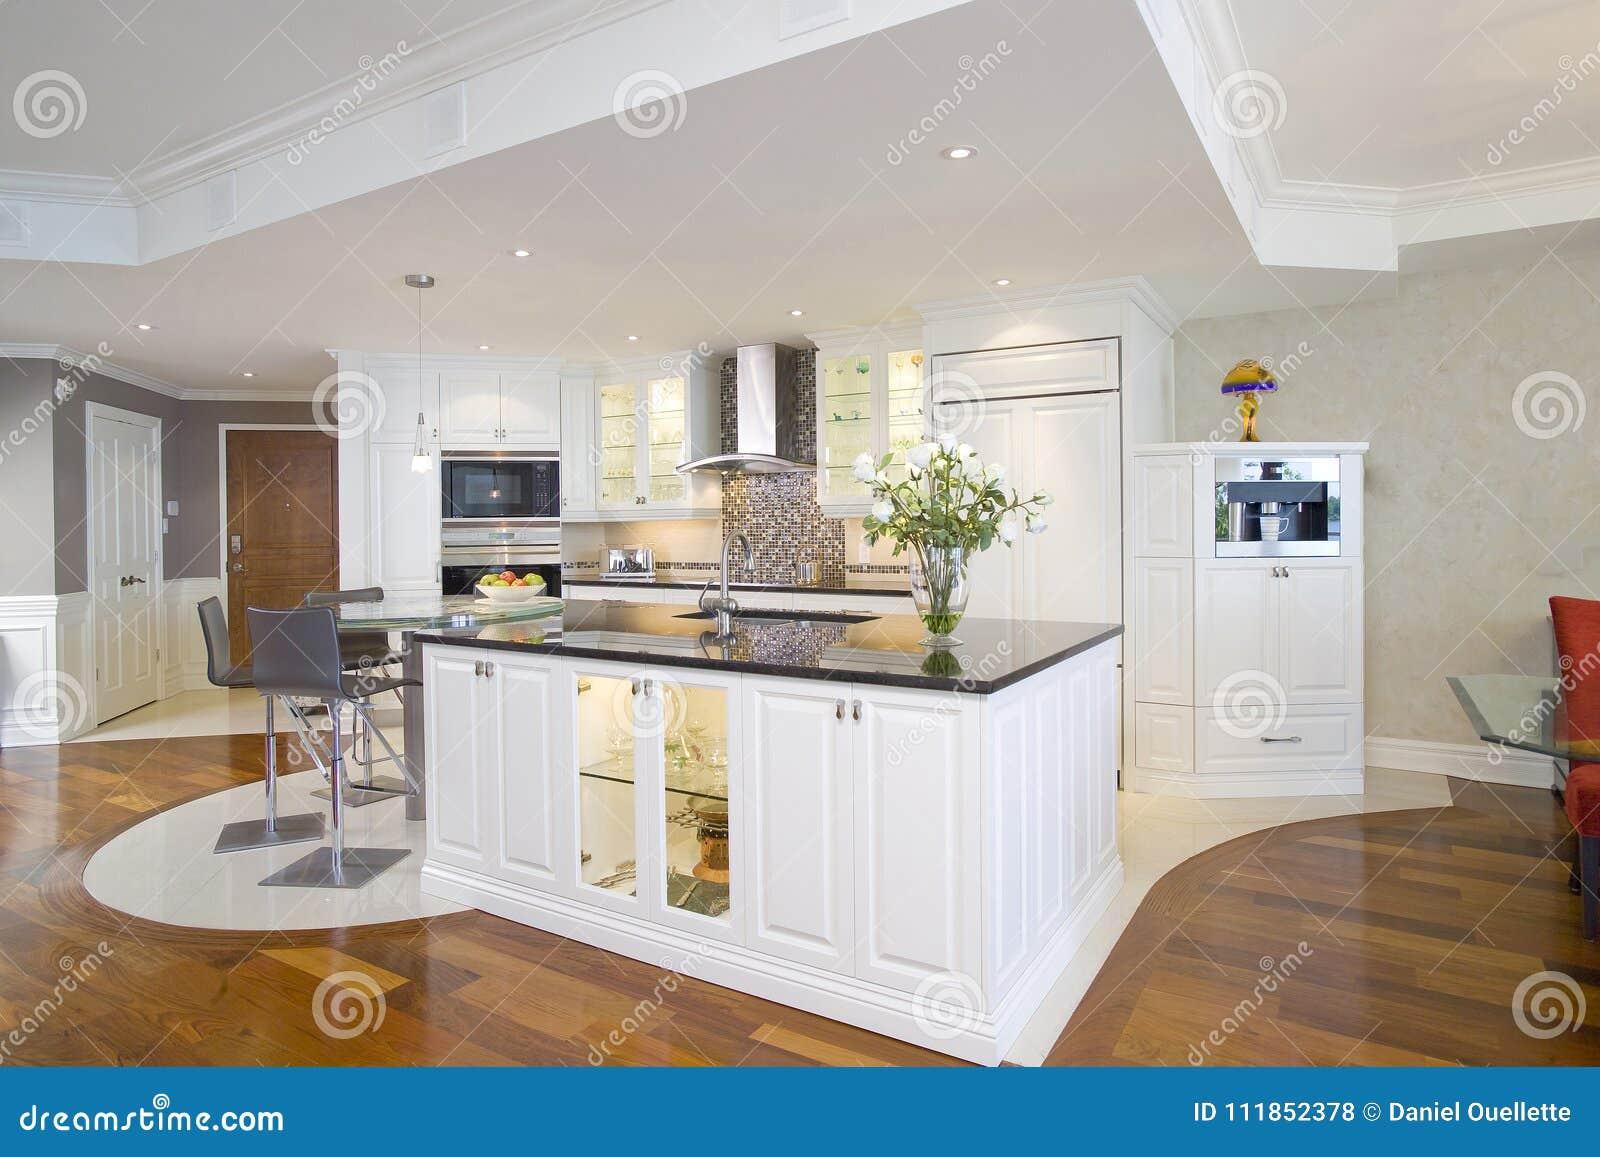 Cozinha Branca Aberta Moderna Com Ilha Maravilhosa Foto De Stock